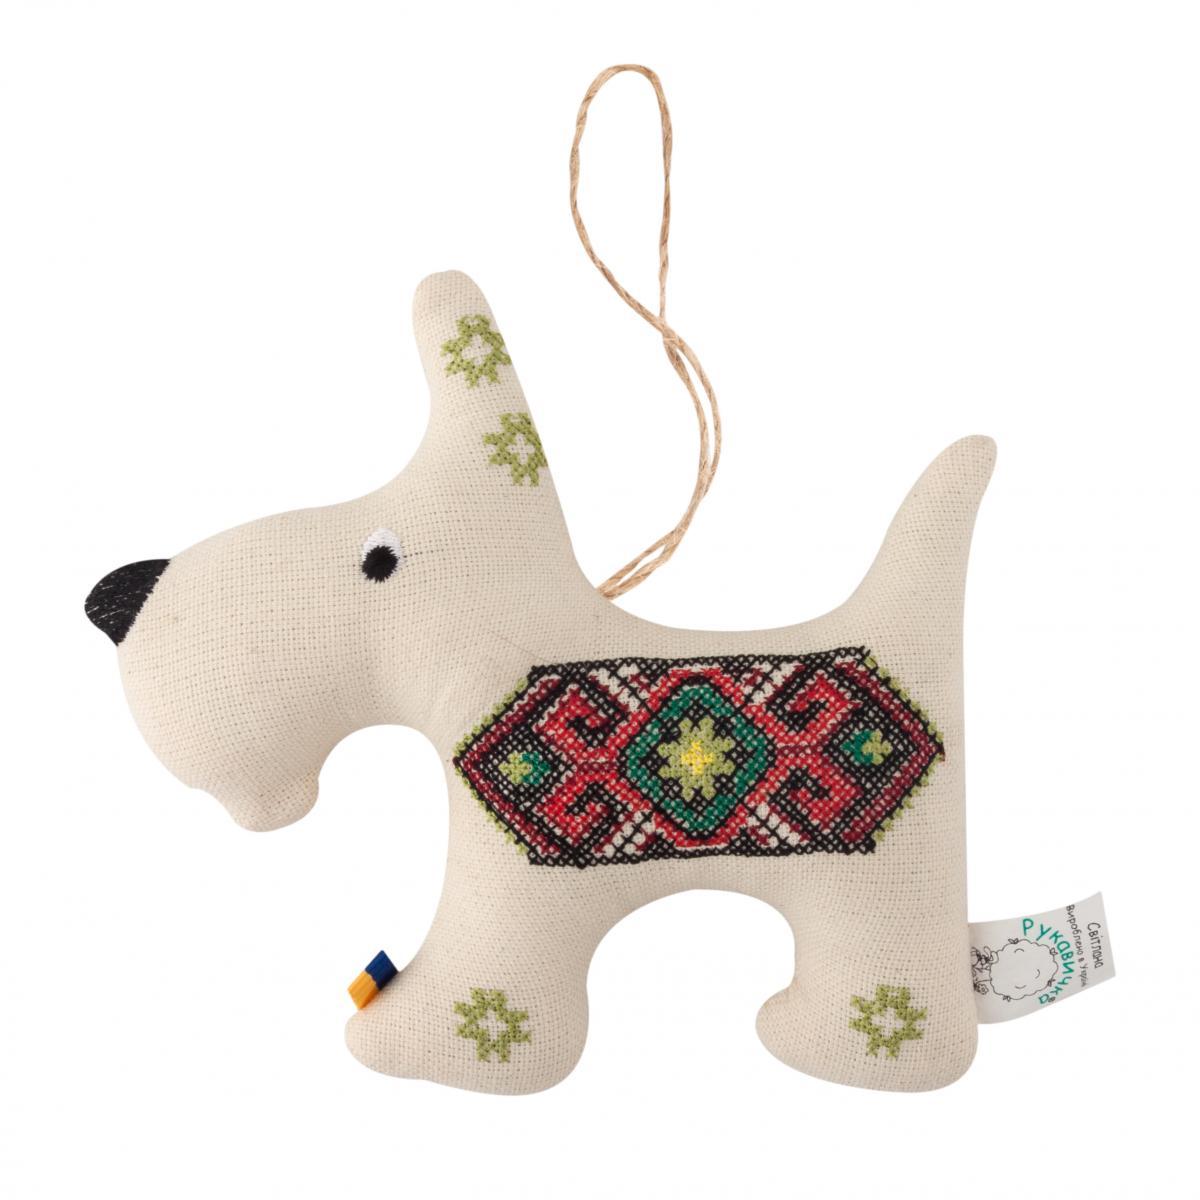 Игрушка Собака. Фото №1. | Народный дом Украина